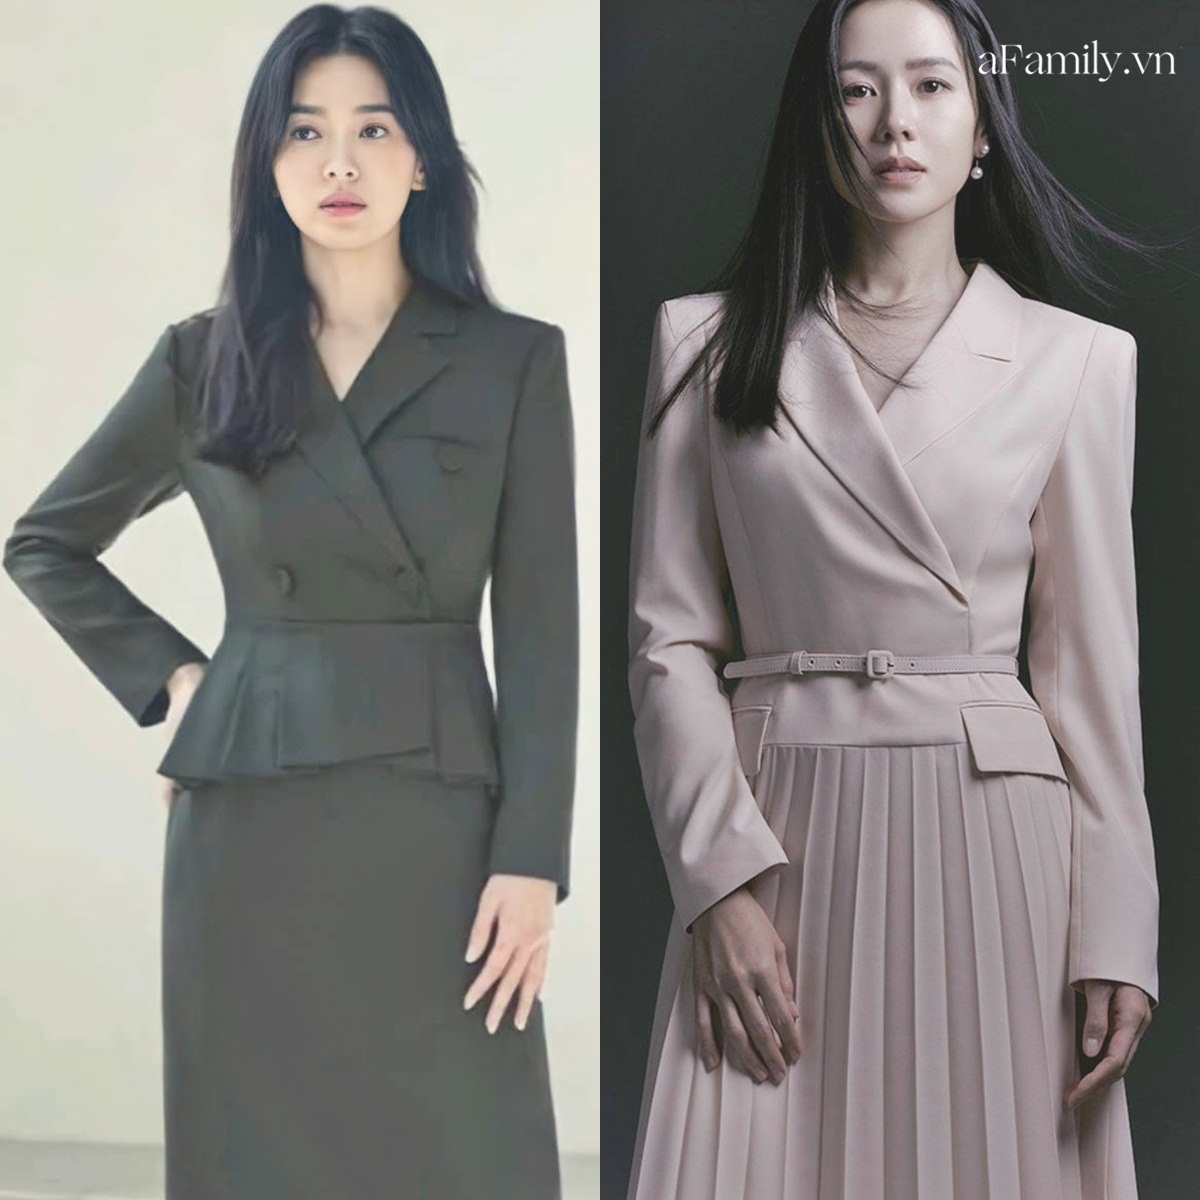 Song Hye Kyo Son Ye Jin làm mẫu đồ công sở Thu Đông - Ảnh 6.